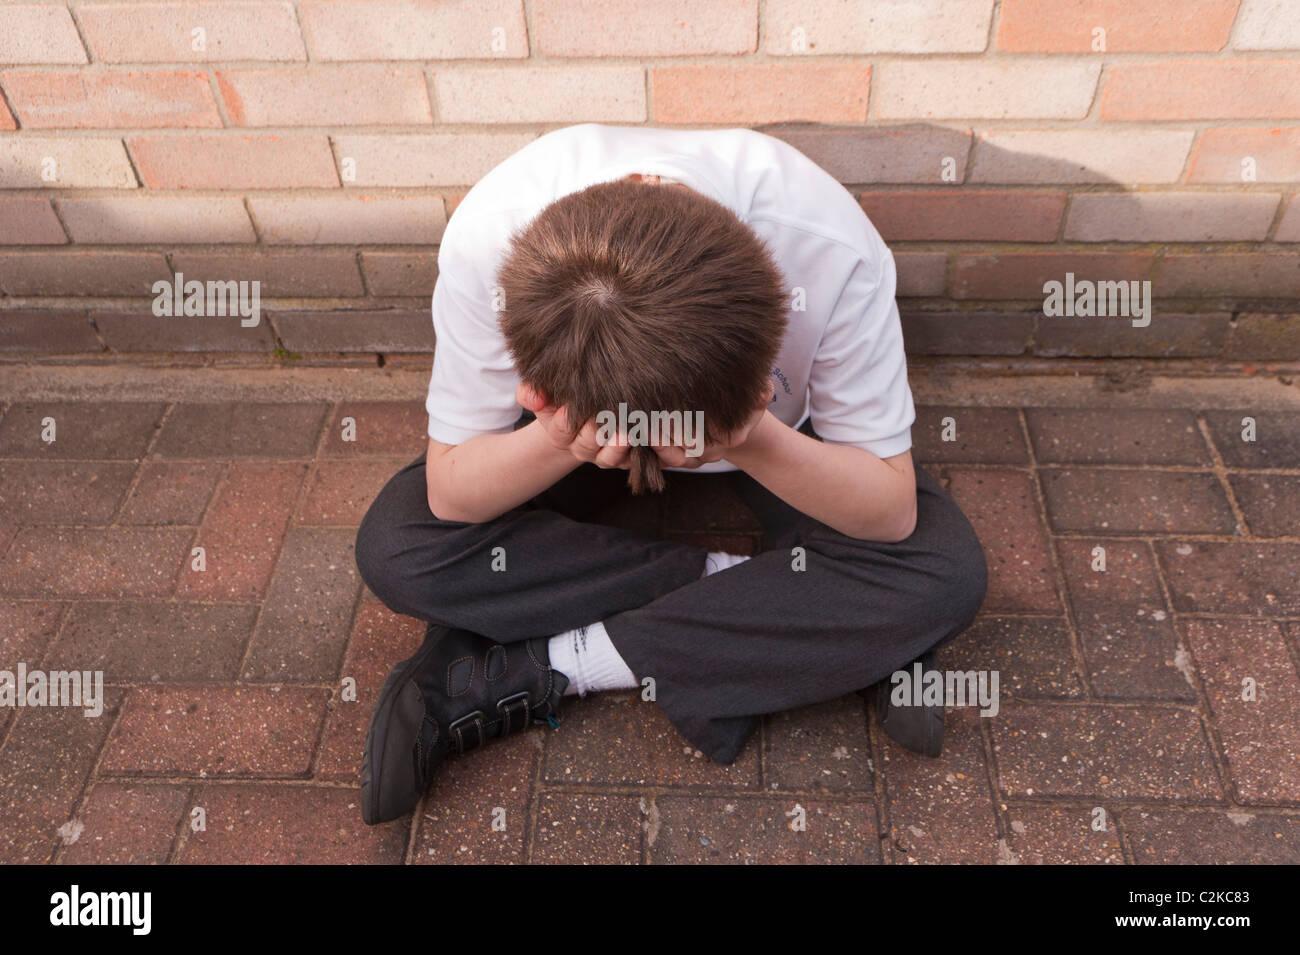 Un modello rilasciato la foto di un ragazzo di undici anni cercando premuto all'aperto con indosso la sua uniforme Immagini Stock